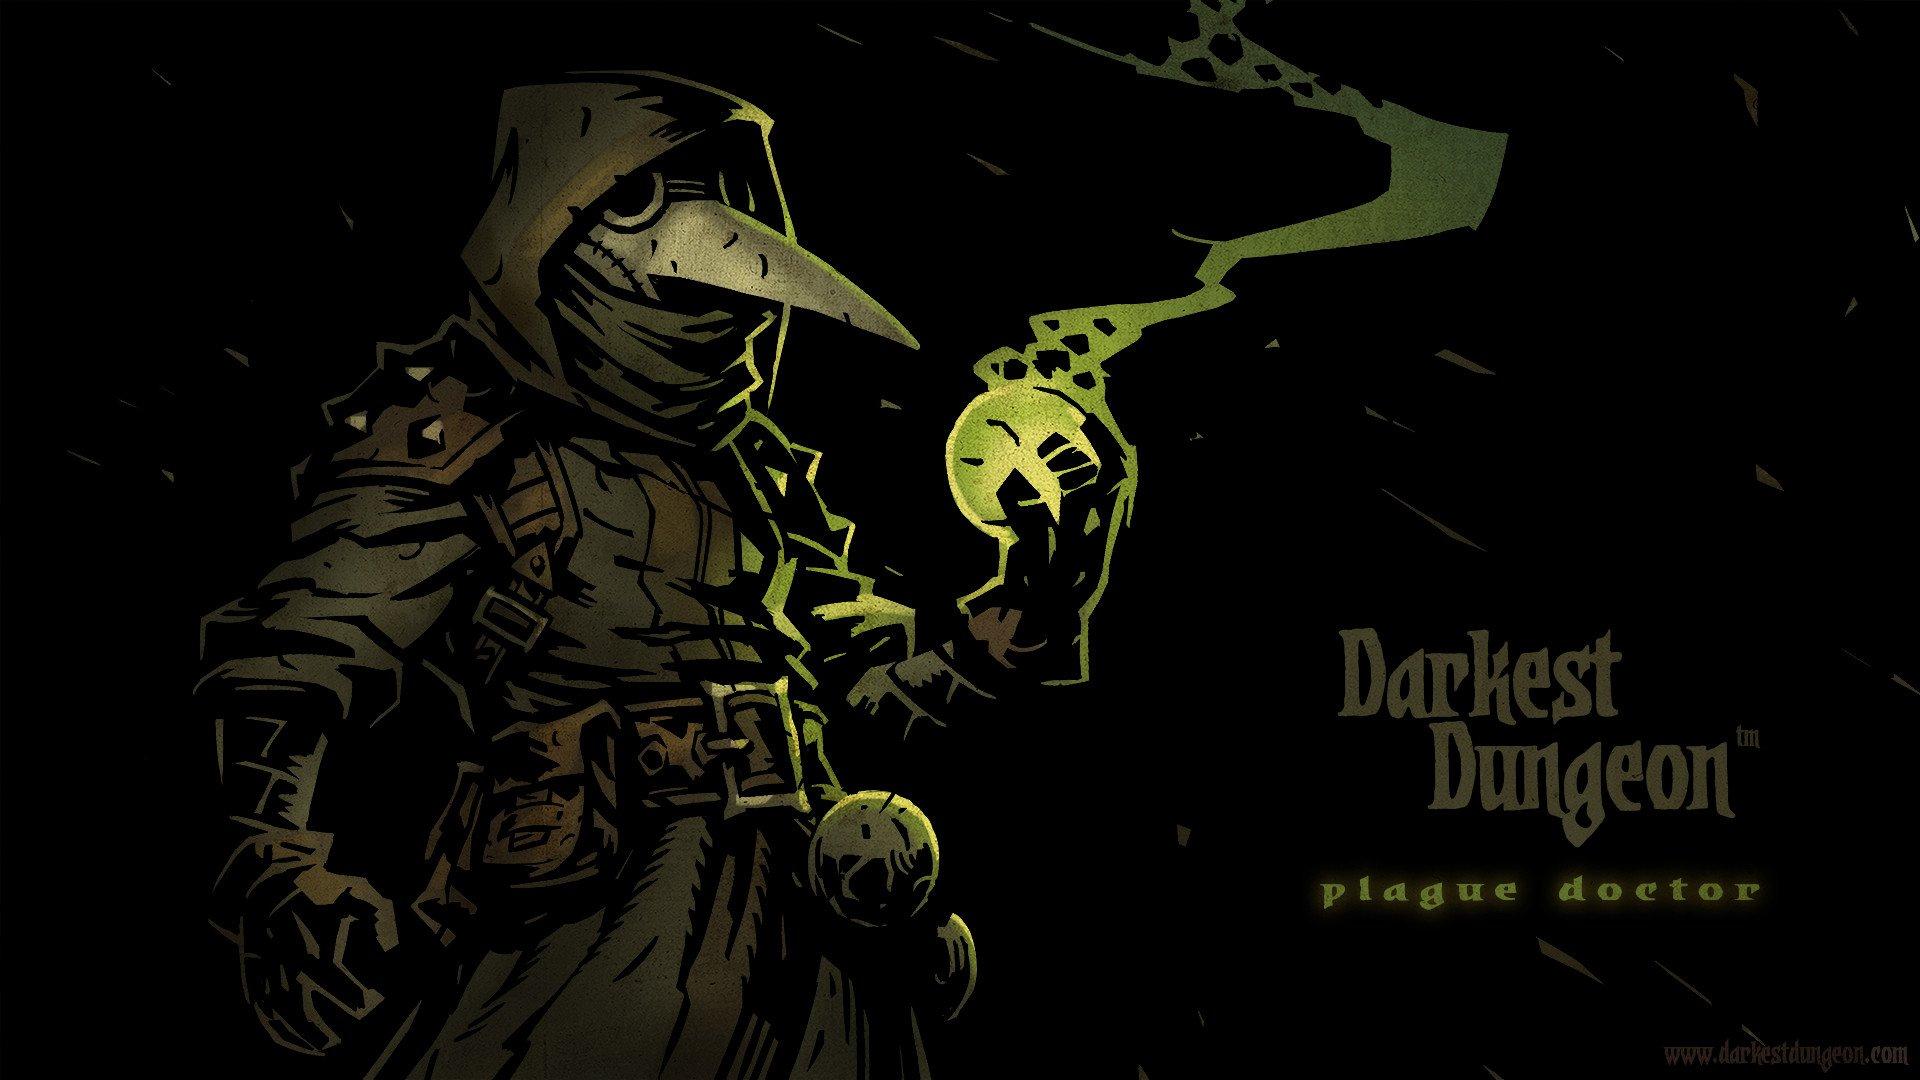 Darkest Dungeon HD Wallpaper   Background Image ...